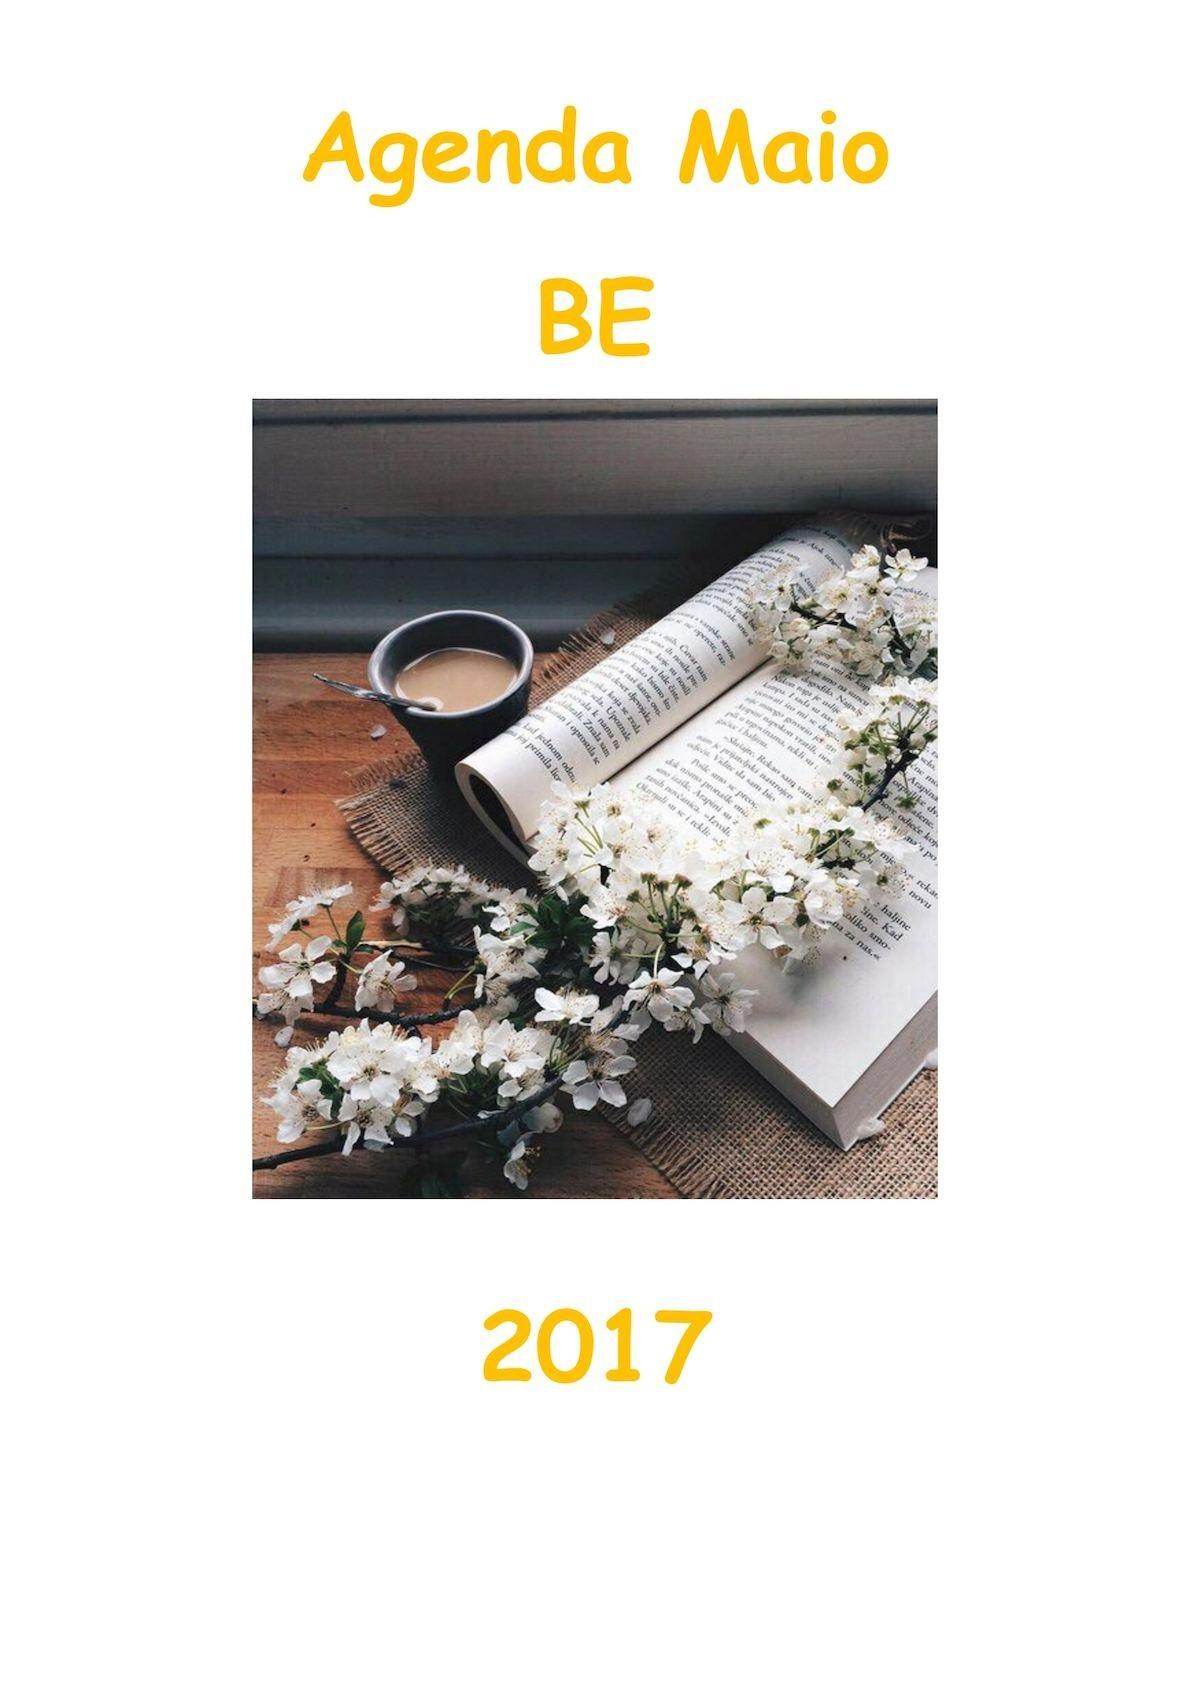 Imprimir Calendario 2019 E 2019 Más Recientemente Liberado Informacion Calendario 2019 Datas Emorativas